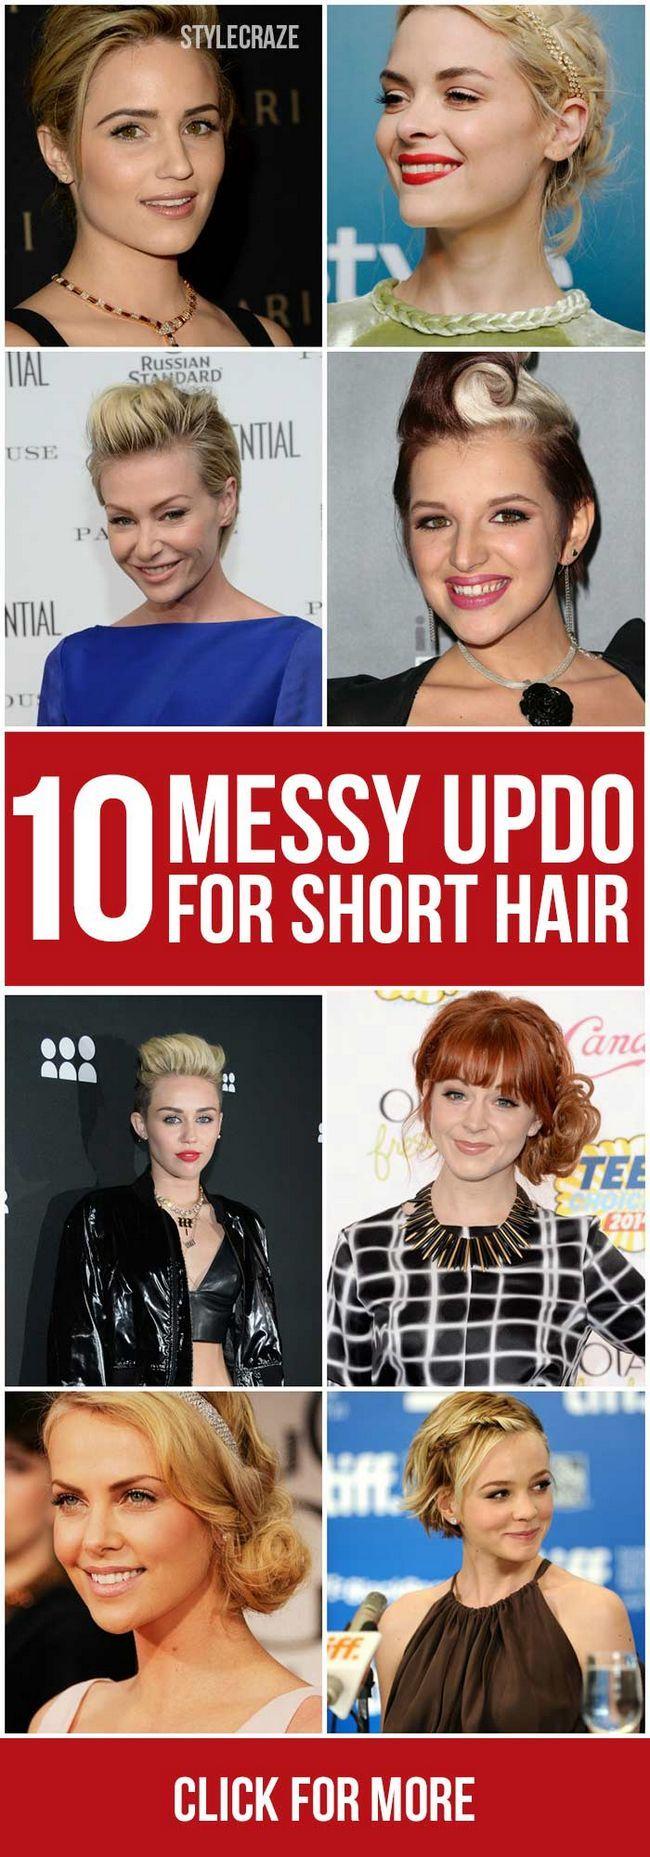 10 Chignons crade pour cheveux courts